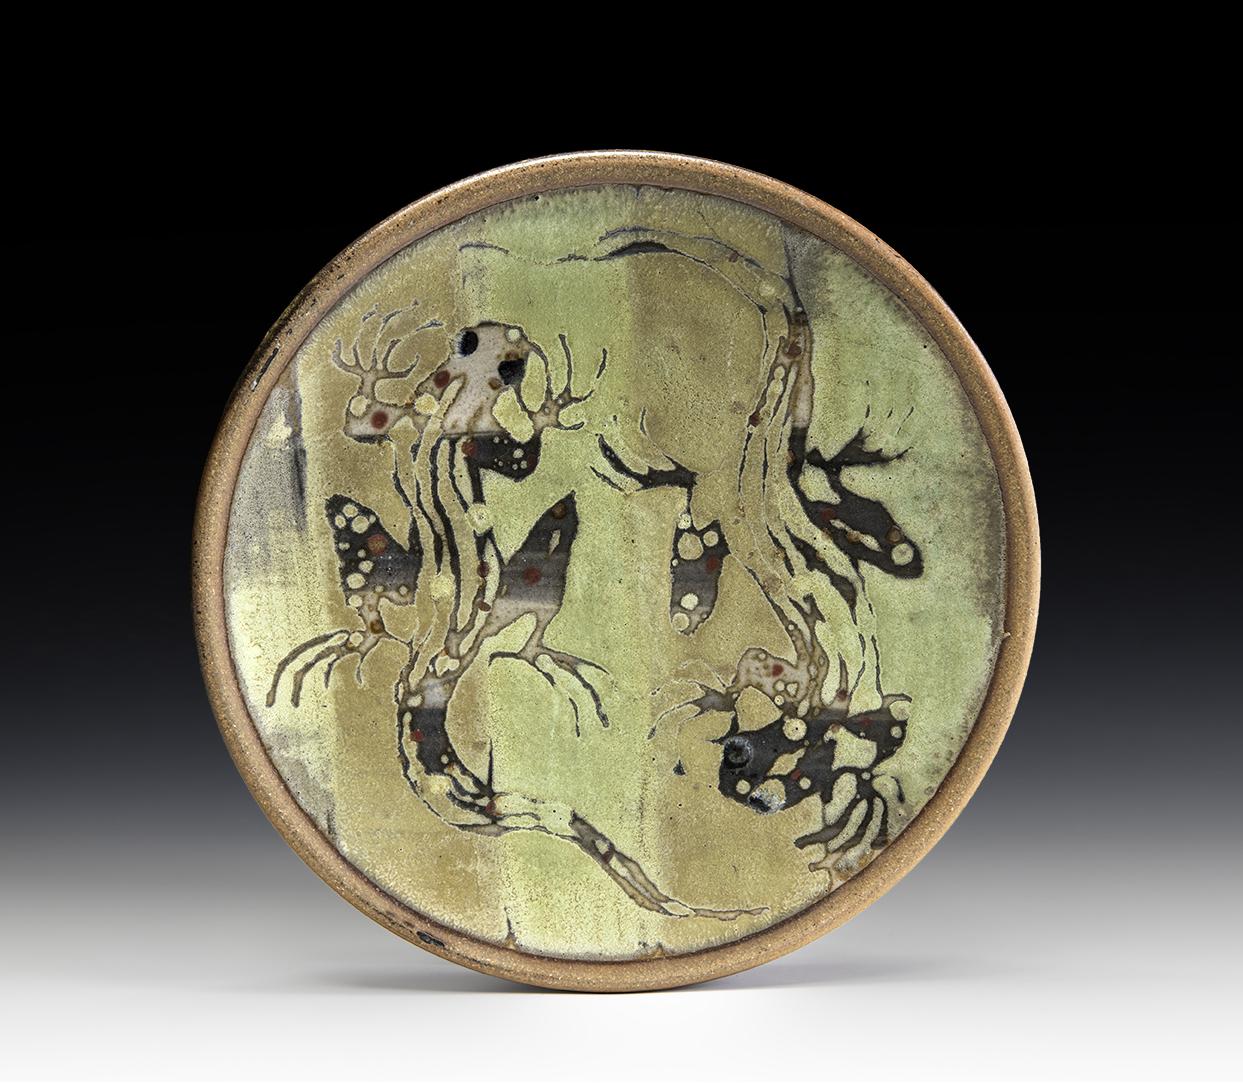 Ken Sedberry-salamander_plate_72.jpg